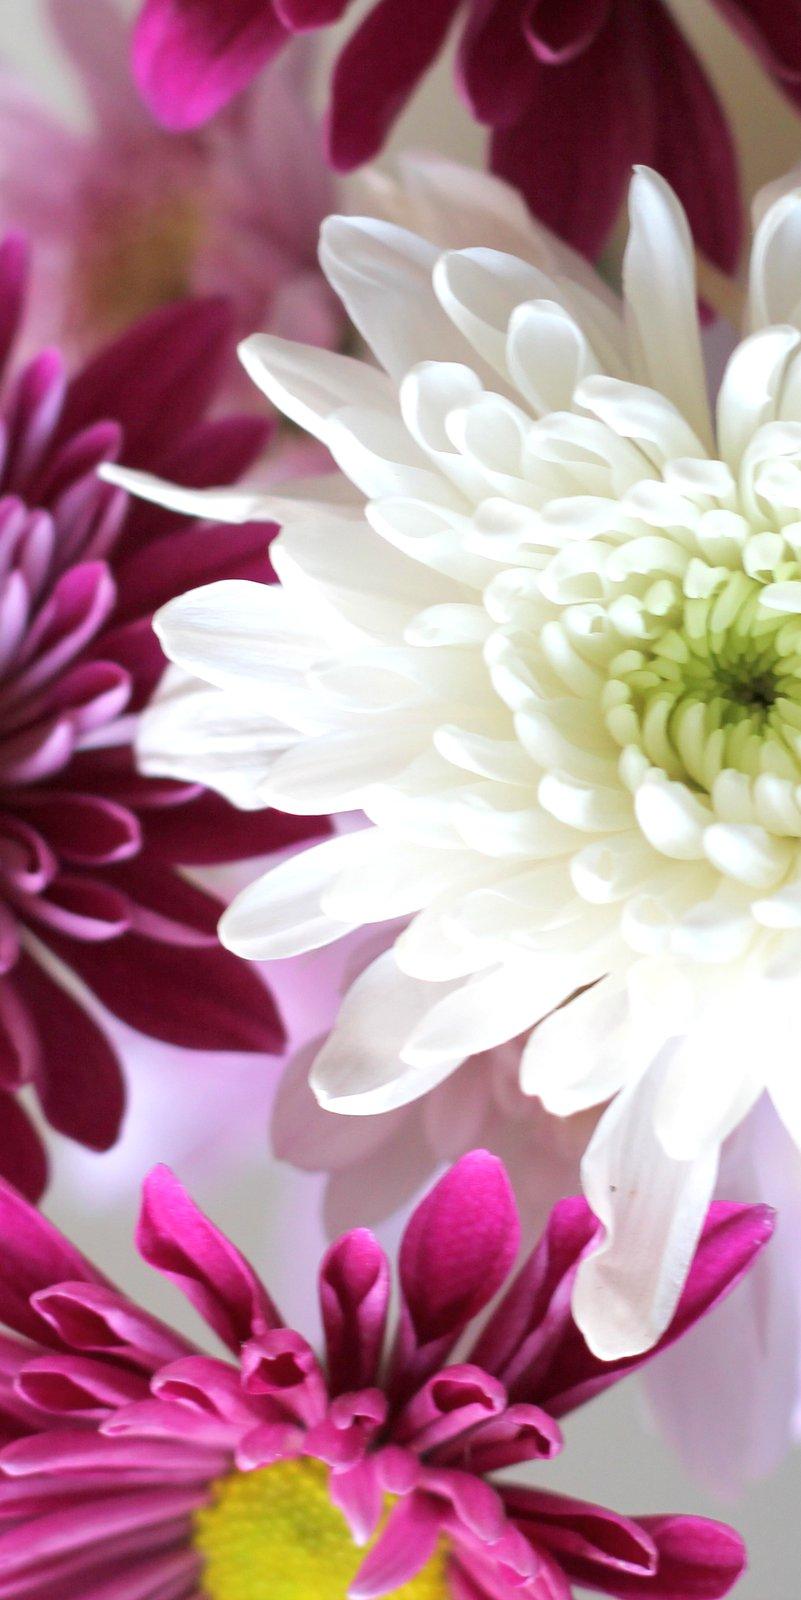 פרח דליה Dahlia בלוג עיצוב מיס גרות צילום לירון גונן (25)-001